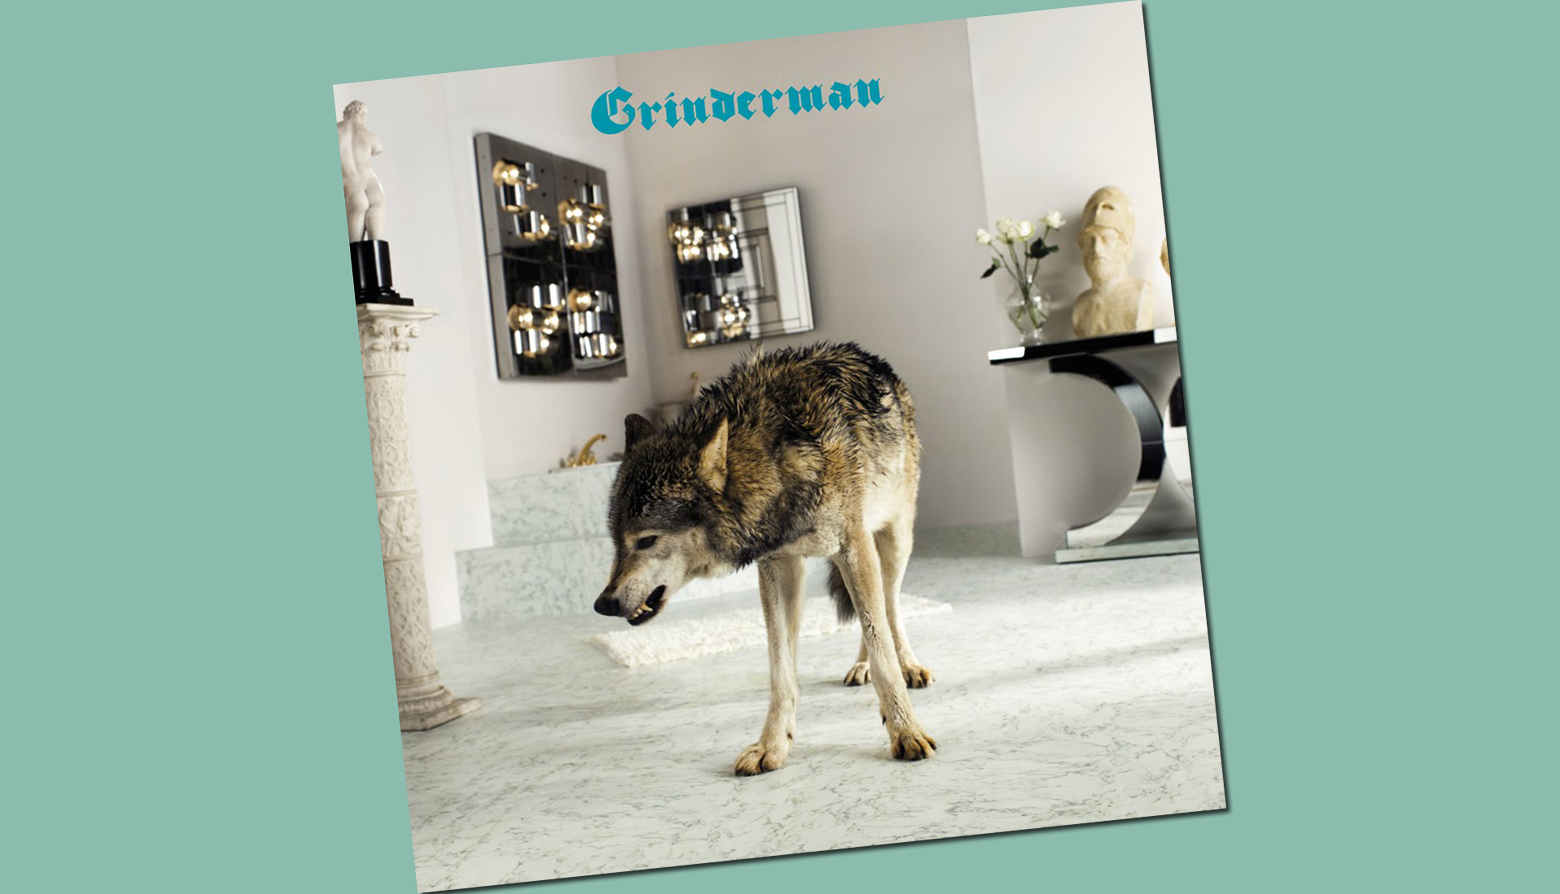 grinderman-2-4fd5224e468e4